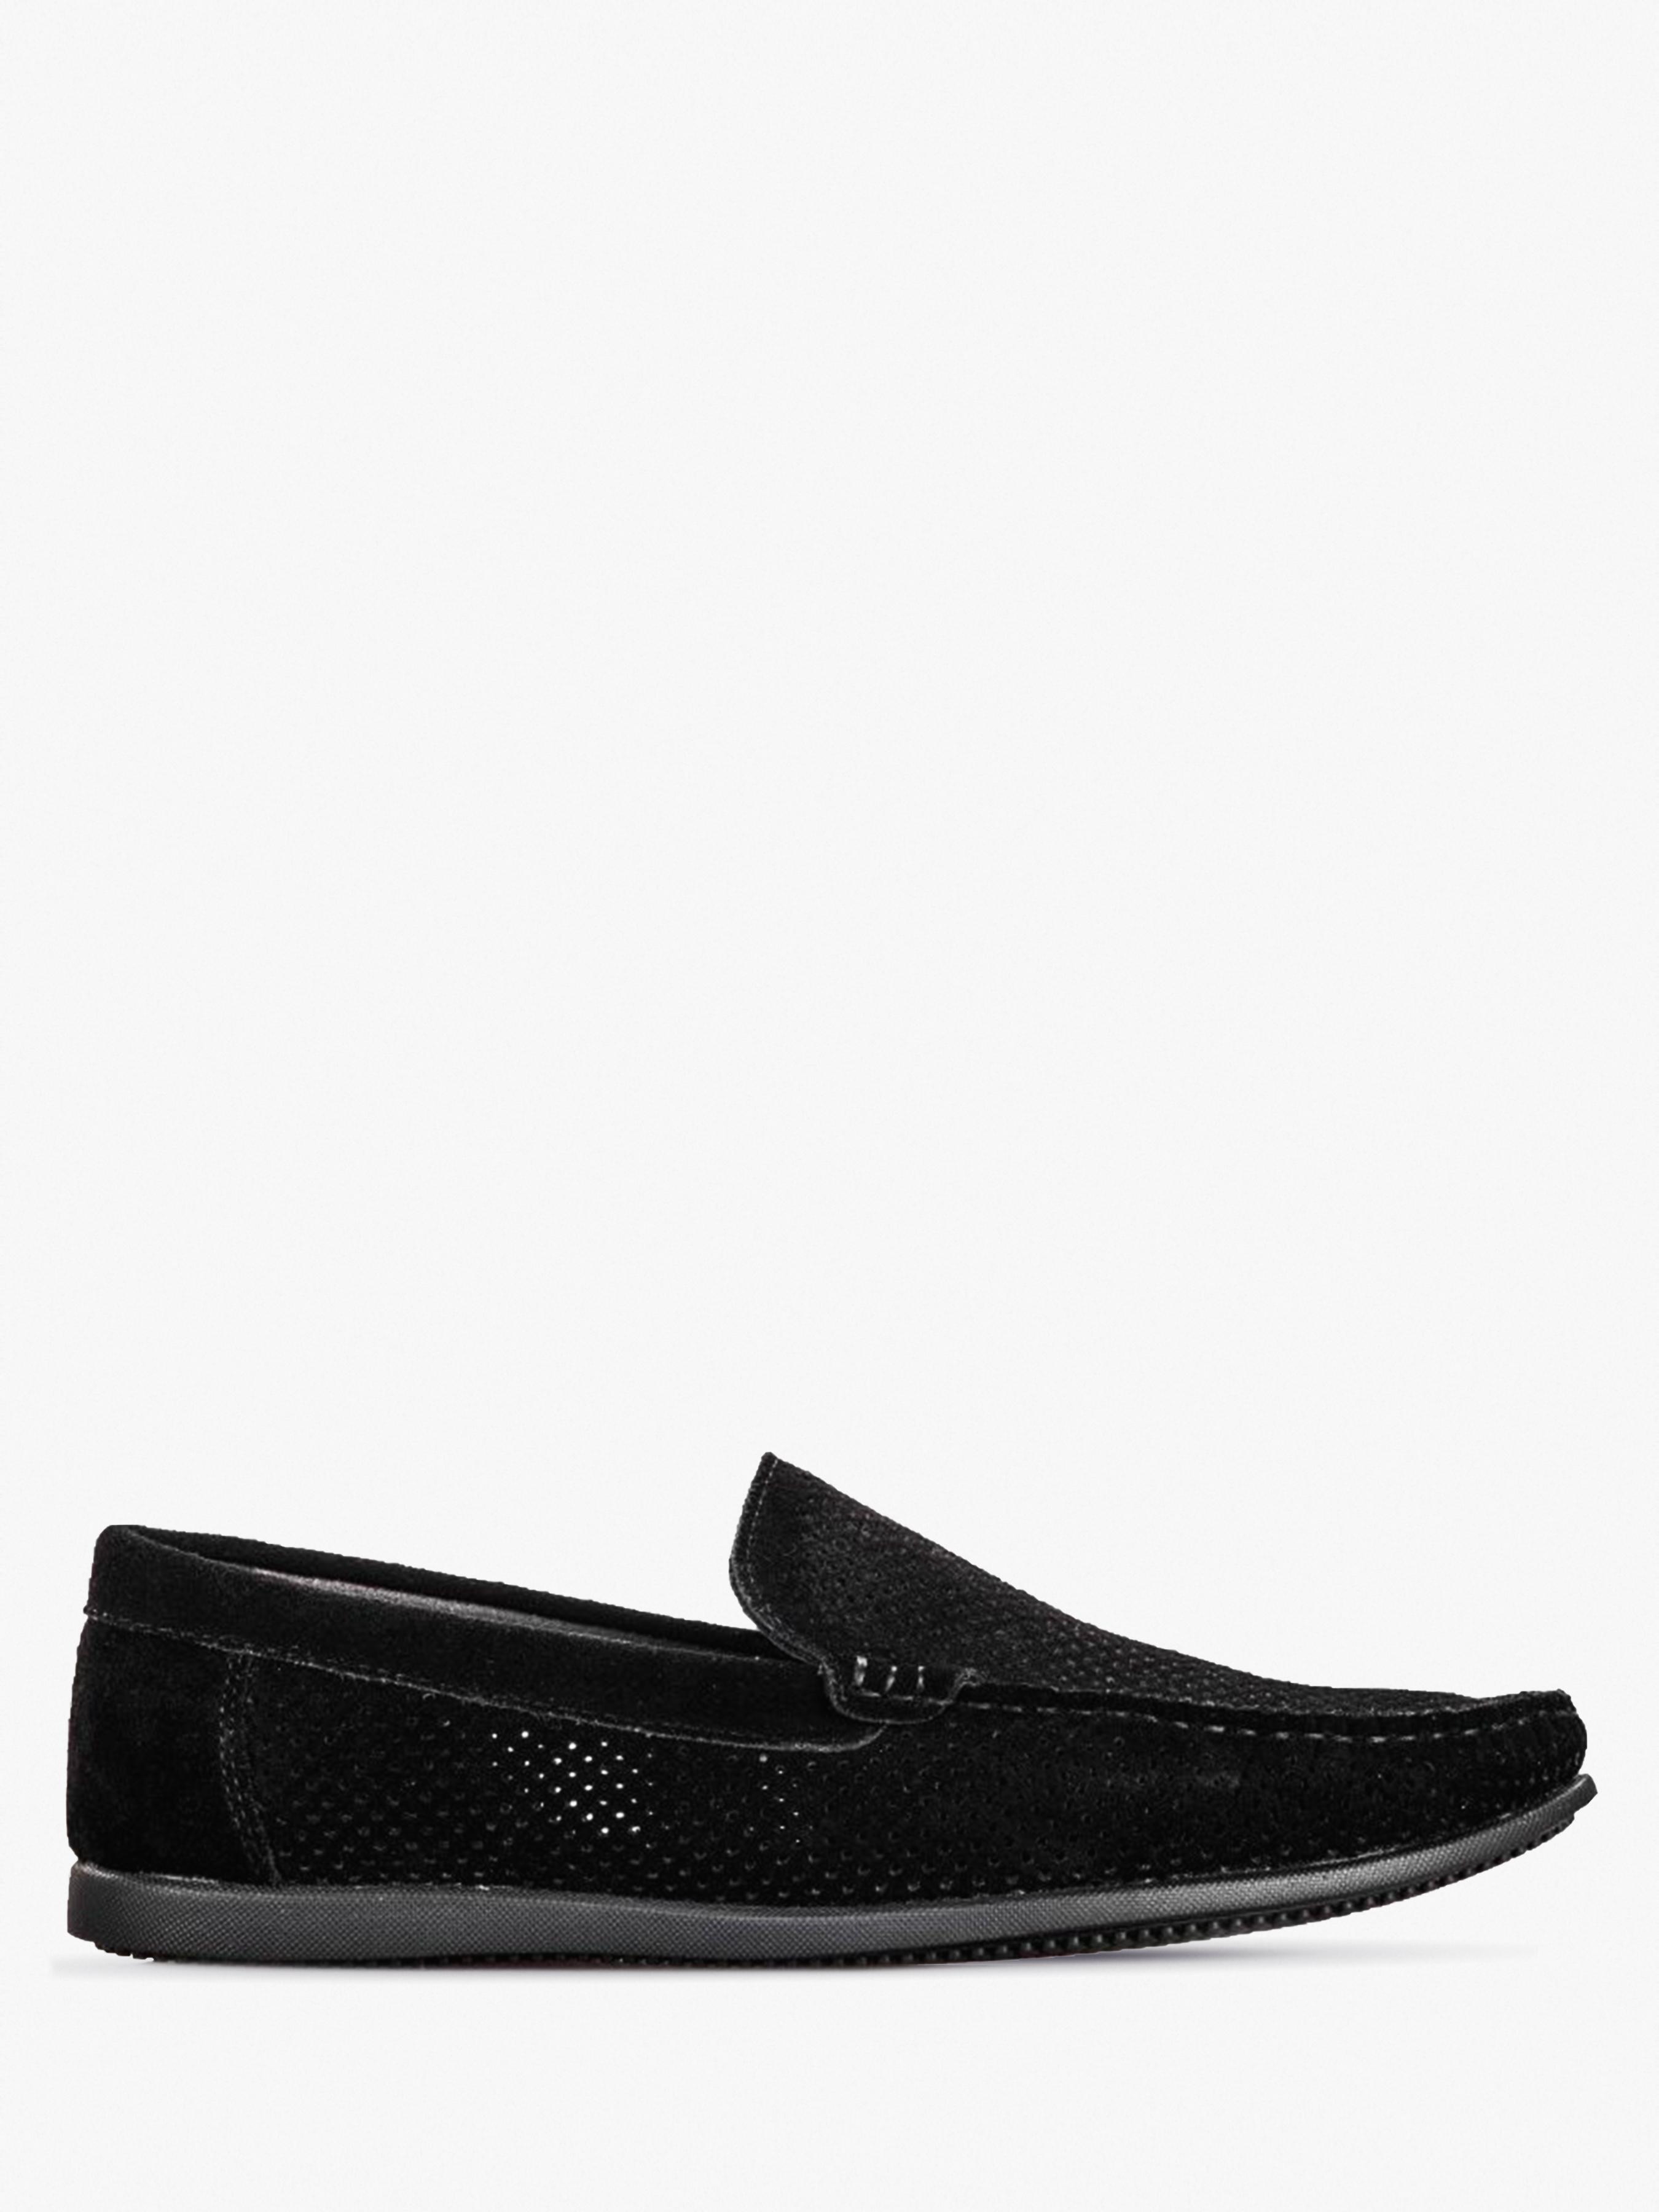 Мокасины для мужчин Braska BR1620 размерная сетка обуви, 2017